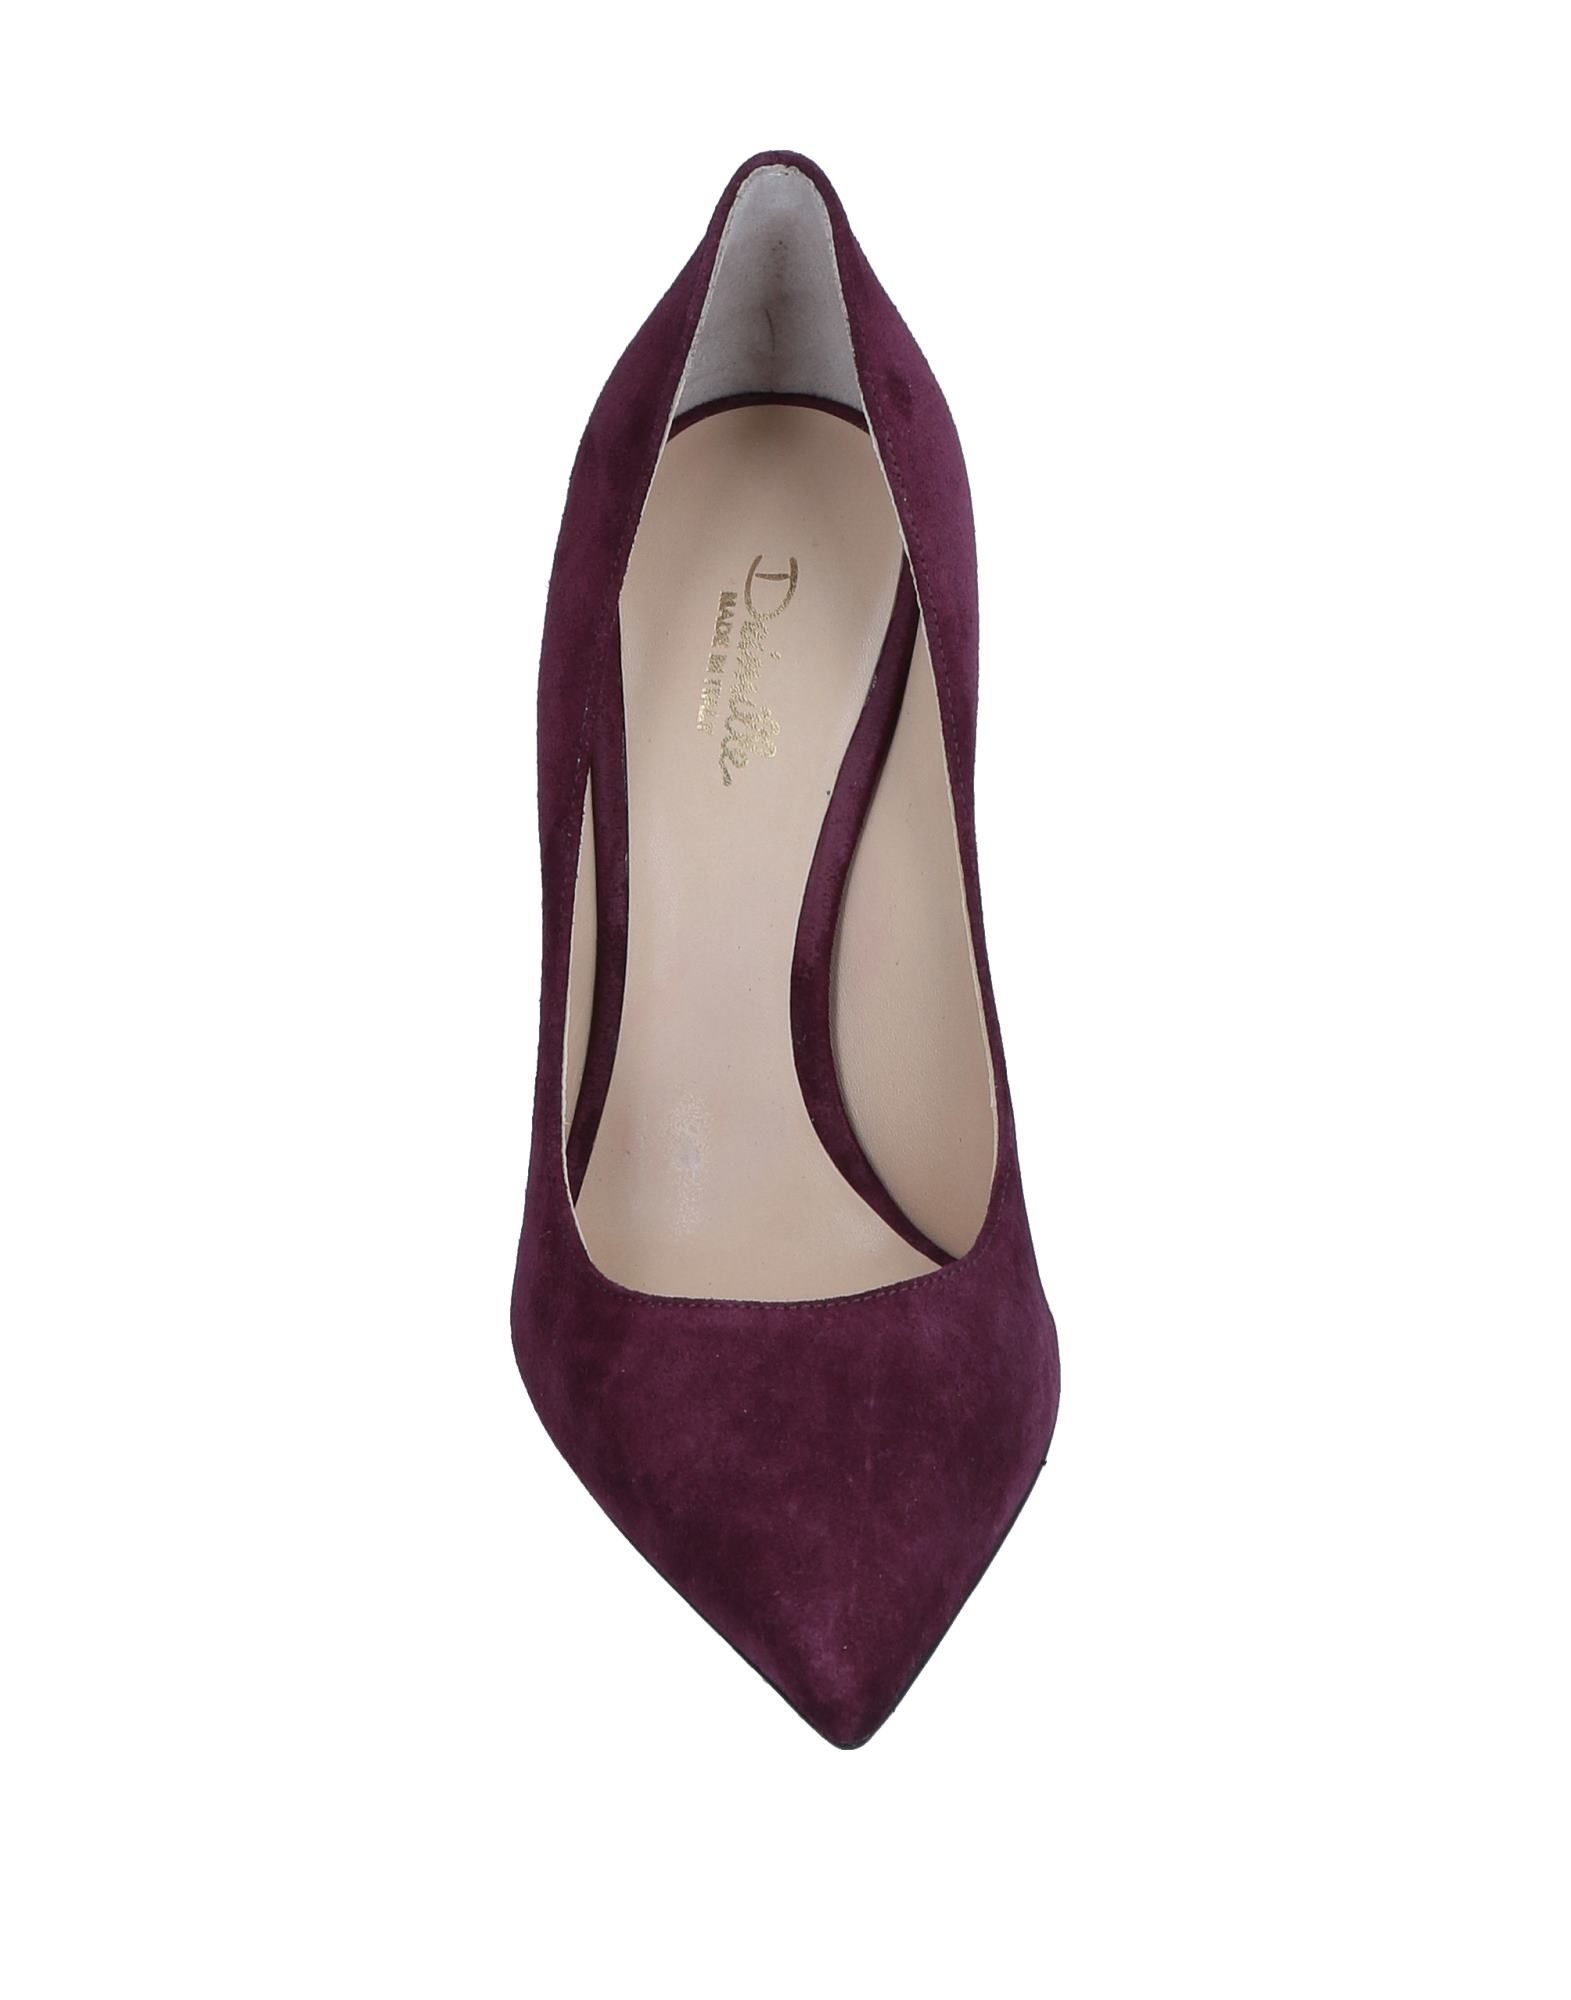 Stilvolle Deimille billige Schuhe Deimille Stilvolle Pumps Damen  11556935BJ 2eecb3